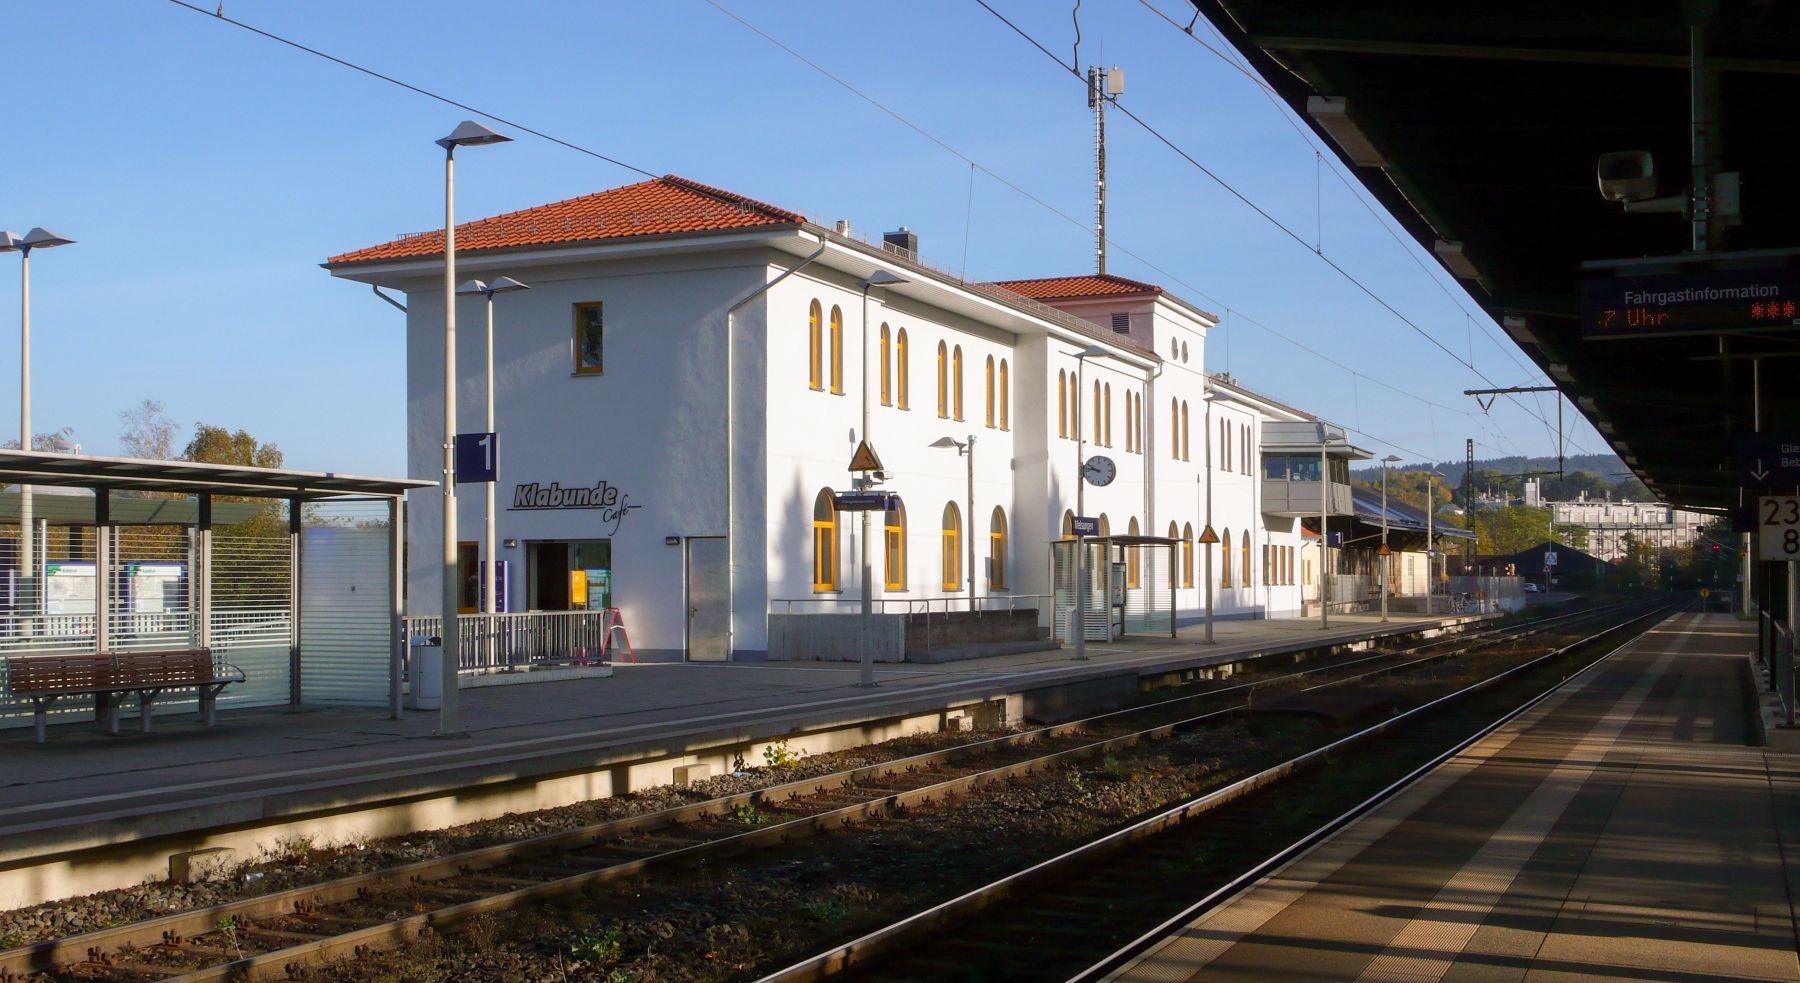 Bildungsbahnhof Melsungen